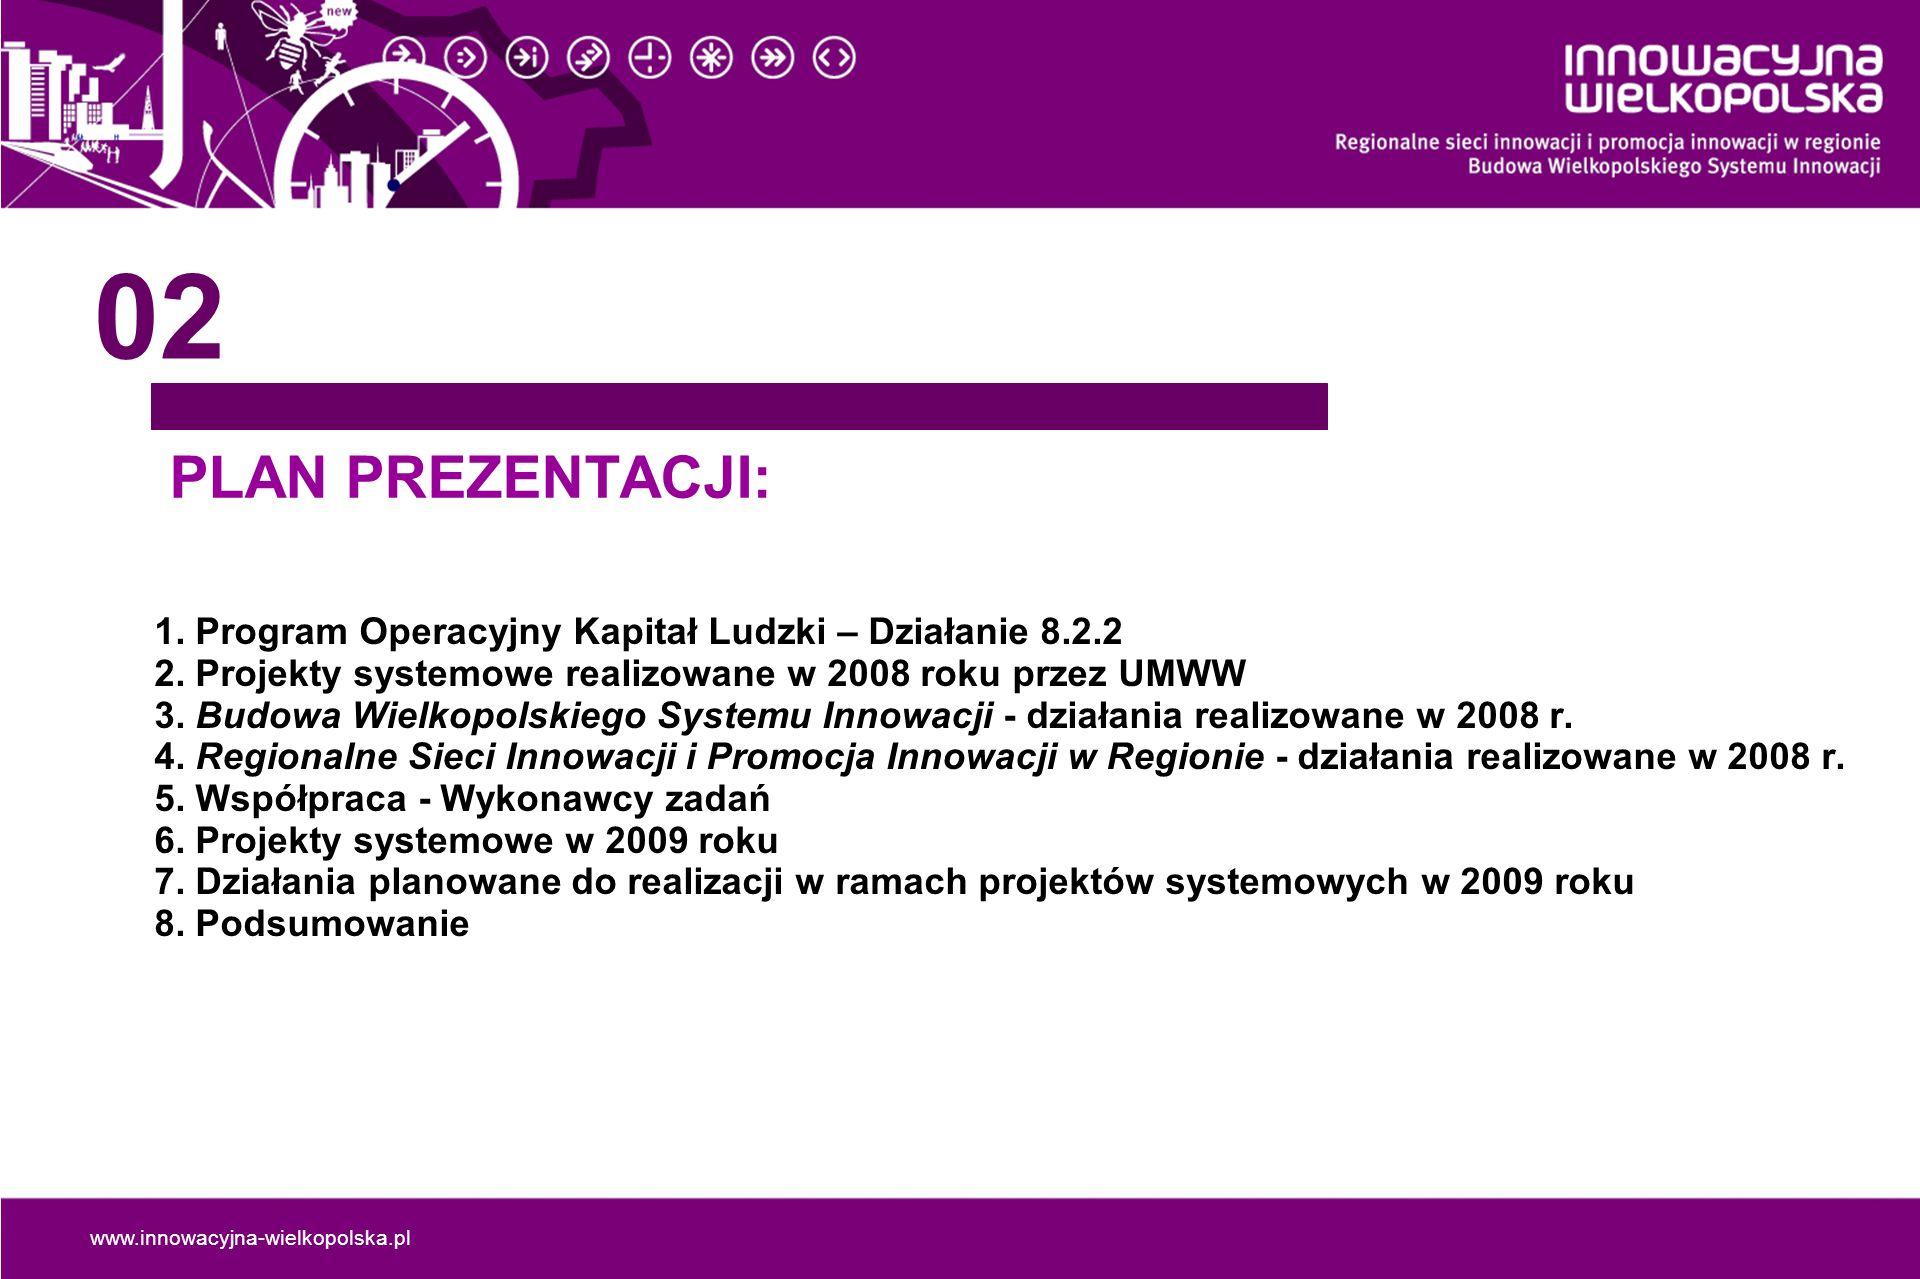 www.innowacyjna-wielkopolska.pl Program Operacyjny Kapitał Ludzki – Działanie 8.2.2 (projekty systemowe ) 03 Działanie 8.2 Transfer wiedzy - zwiększenie transferu wiedzy i wzmocnienie powiązań sfery B+R z przedsiębiorstwami, służące rozwojowi gospodarczemu regionów Dwa Poddziałania: - Poddziałanie 8.2.1 Wsparcie dla współpracy sfery nauki i przedsiębiorstw - Poddziałanie 8.2.2 Regionalne Strategie Innowacji